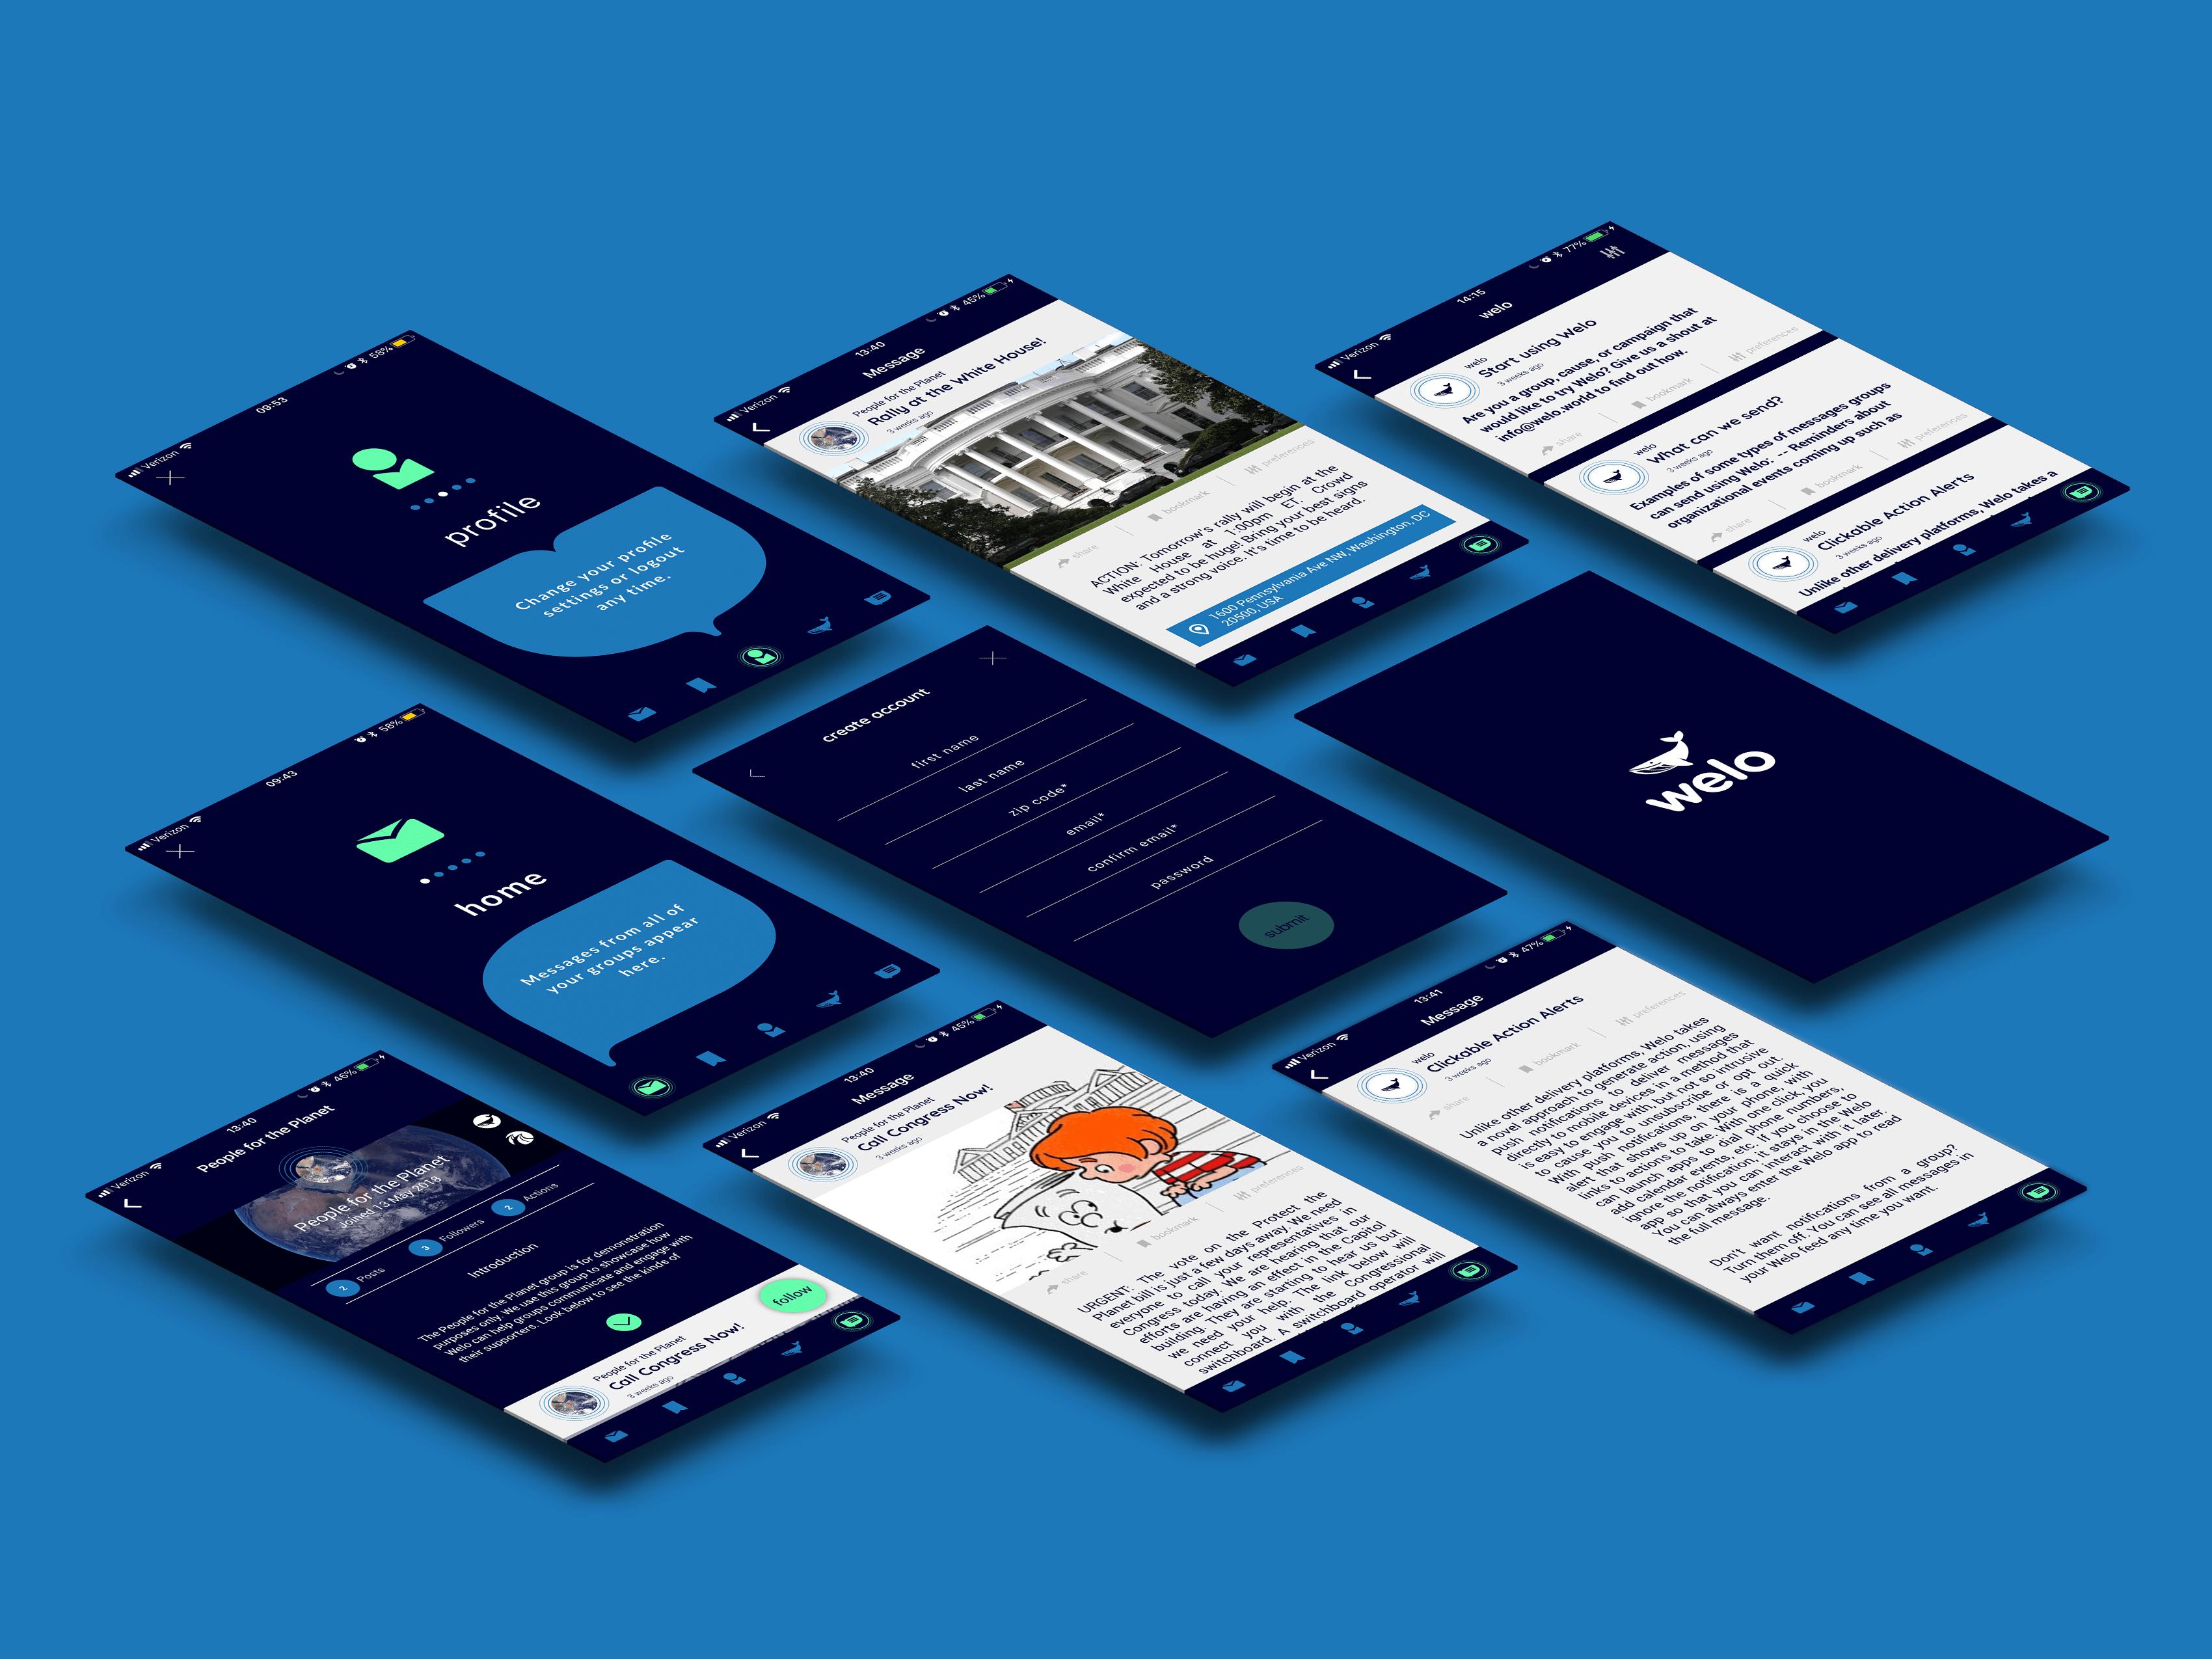 welo-app-perspective